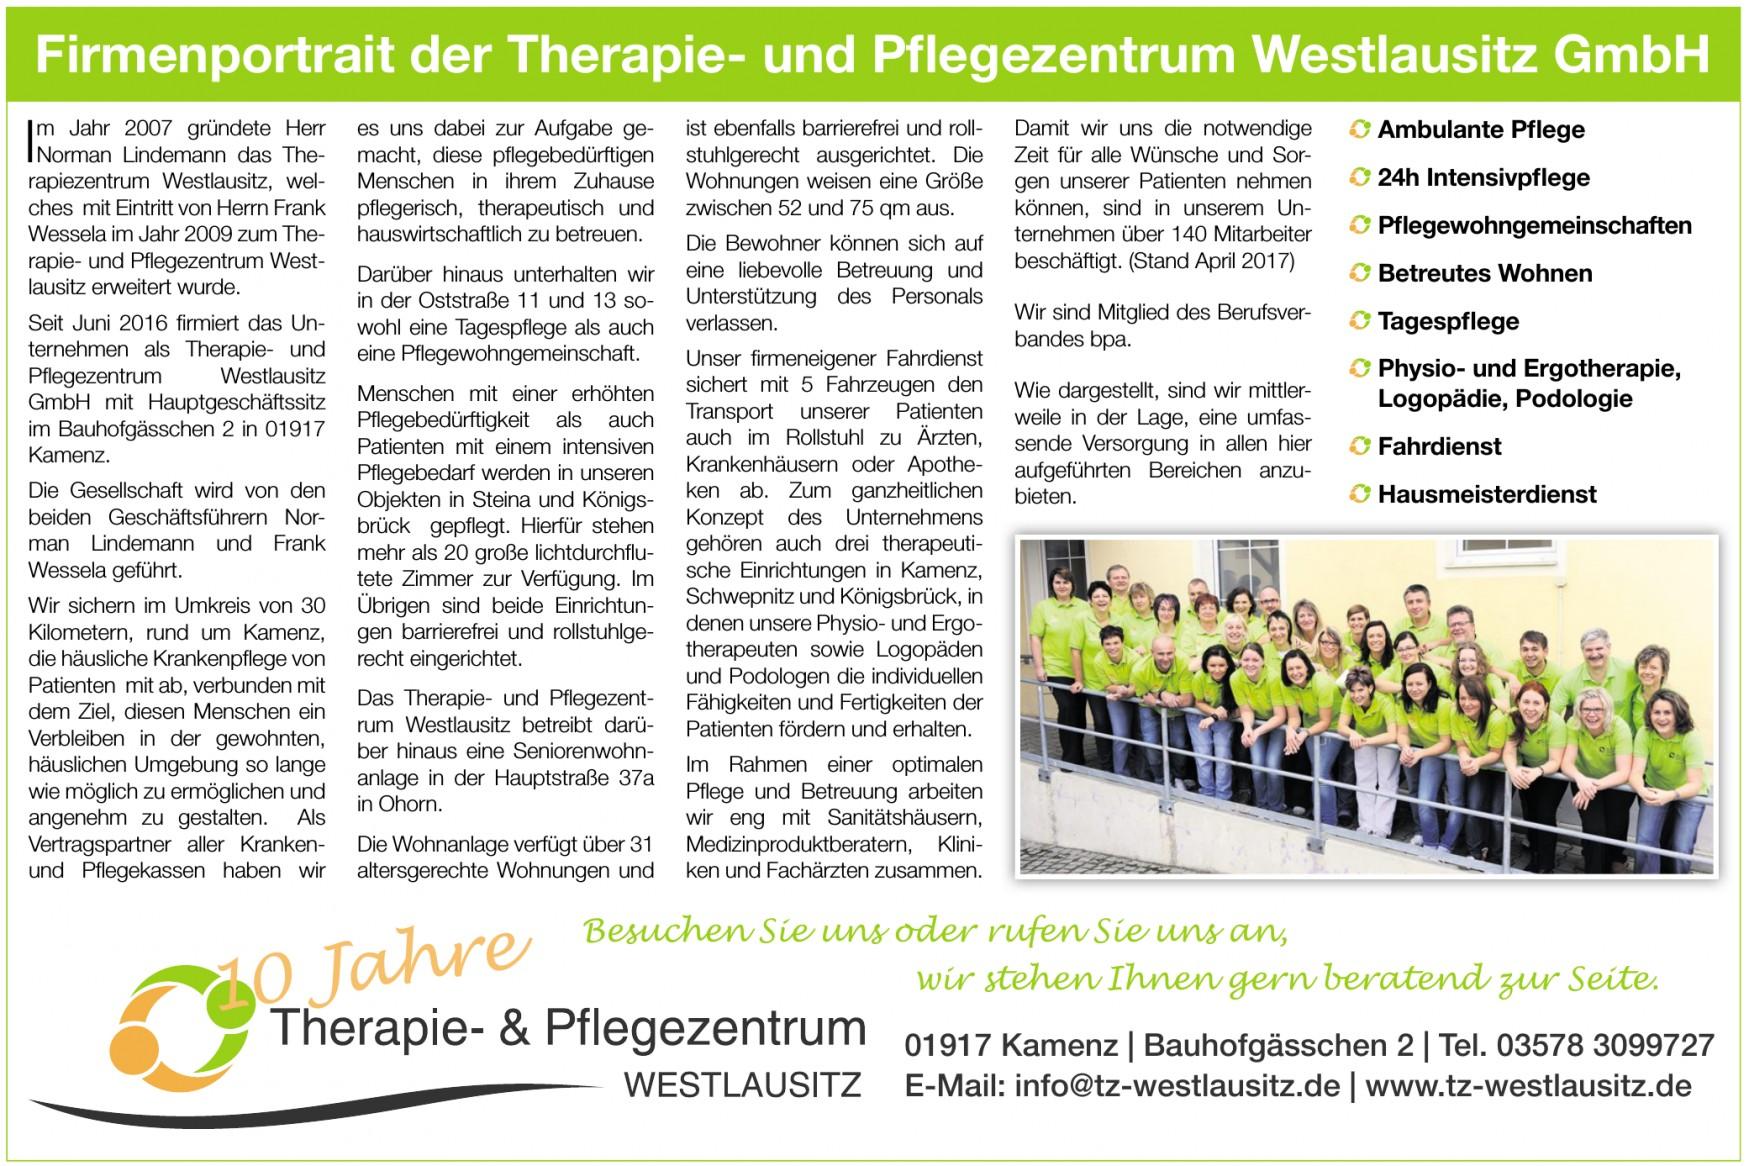 Therapie- und Pflegezentrum Westlausitz GmbH